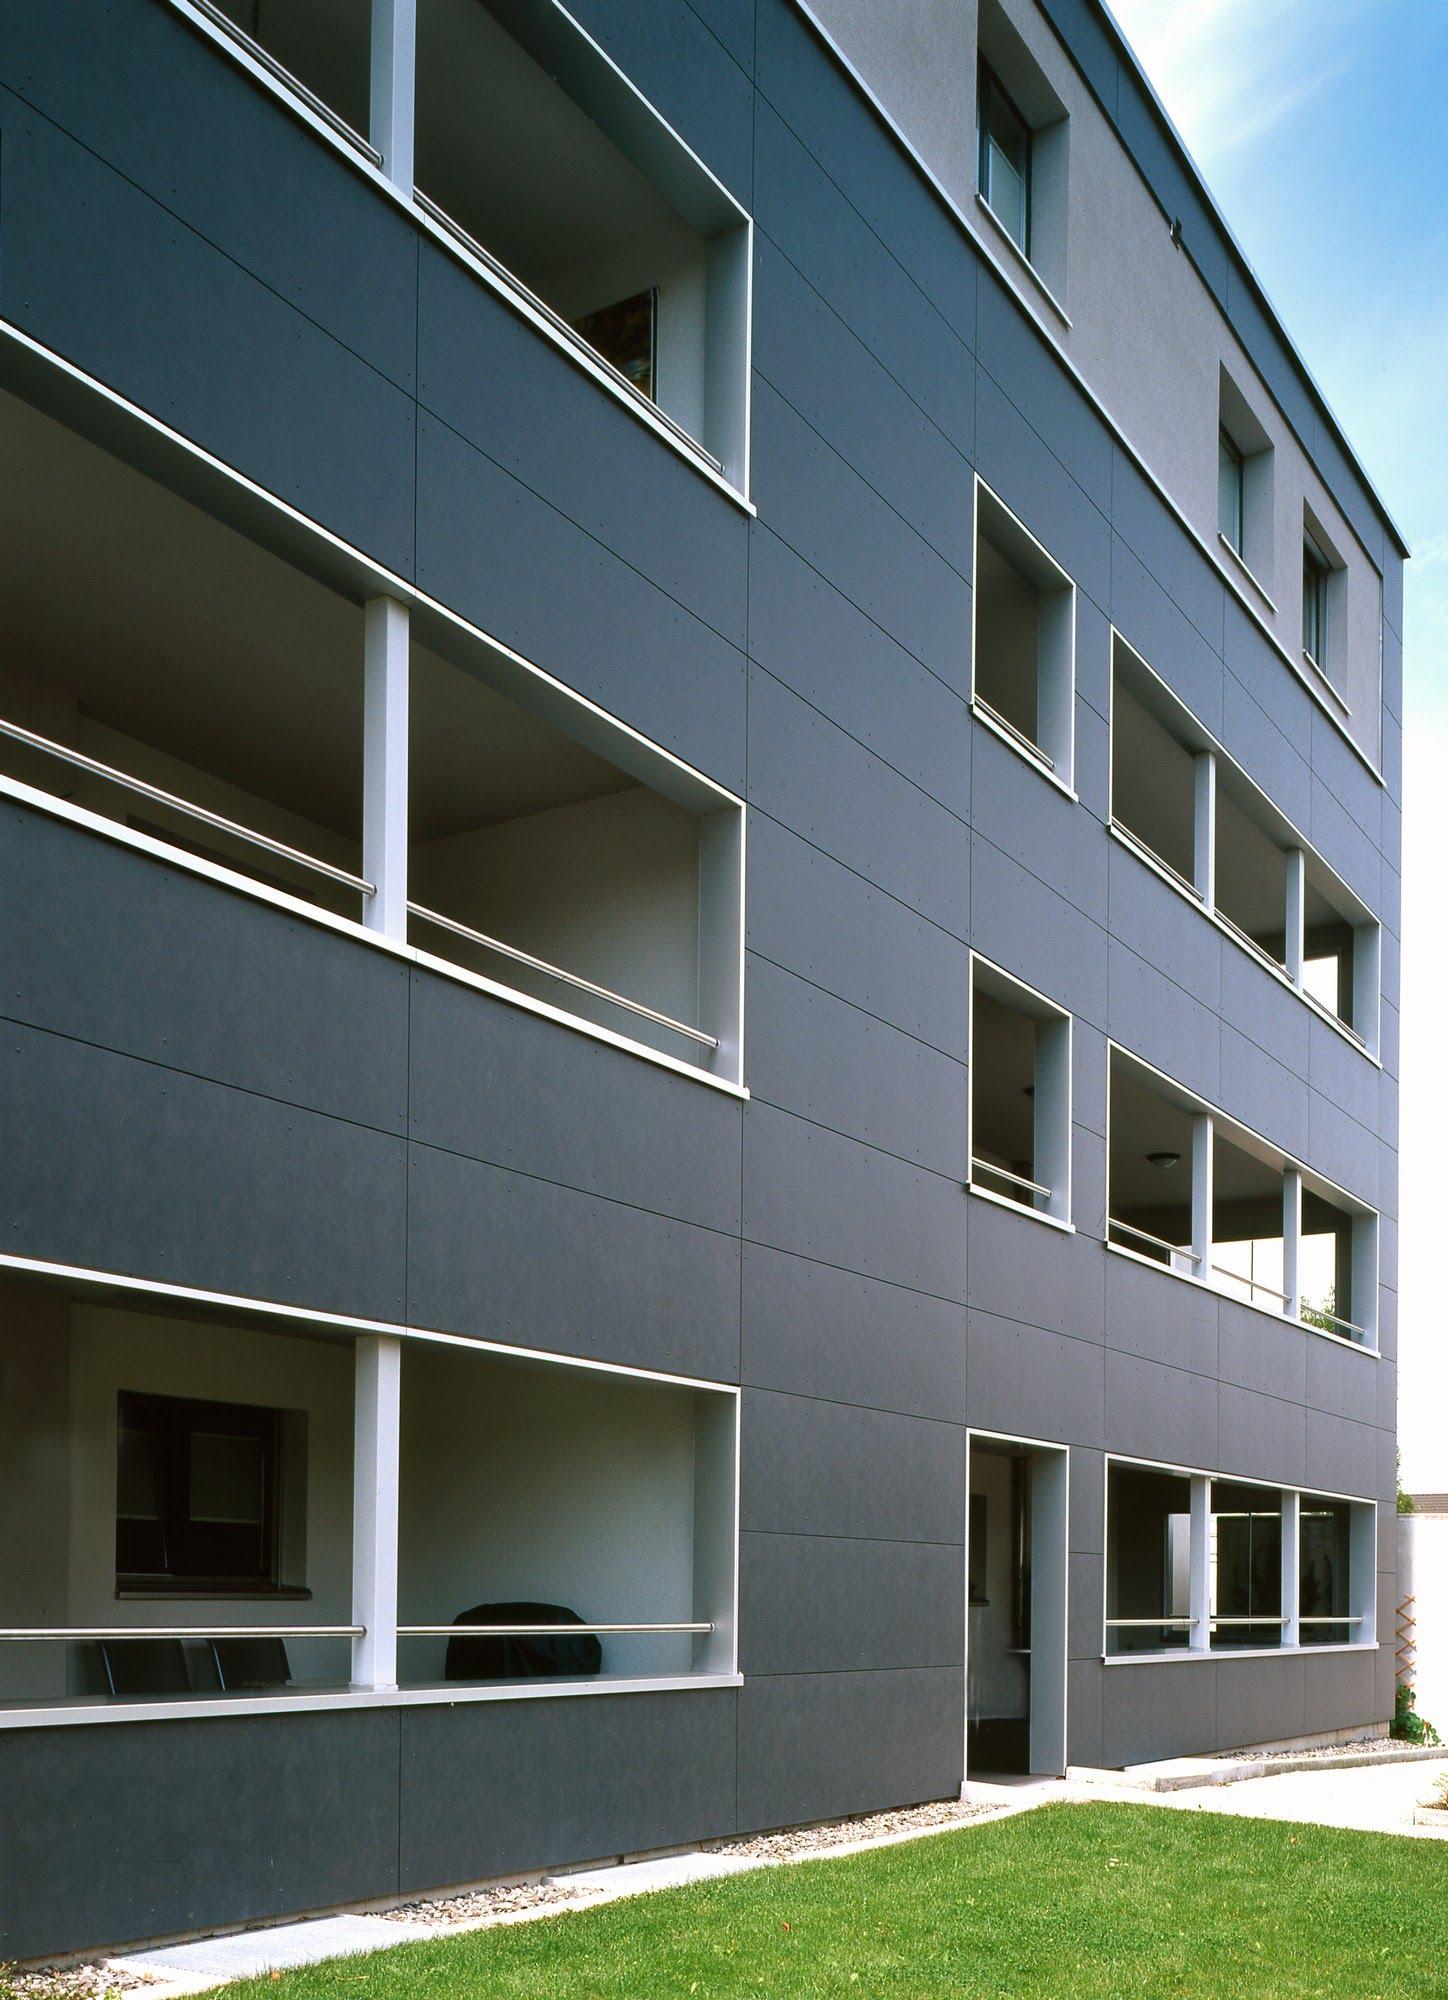 Wohnen MFH Überbauung Surenweid Architektur,Wohnungsbau,Wohnhäuser,Einfamilienhäuser,Mehrfamilienhäuser